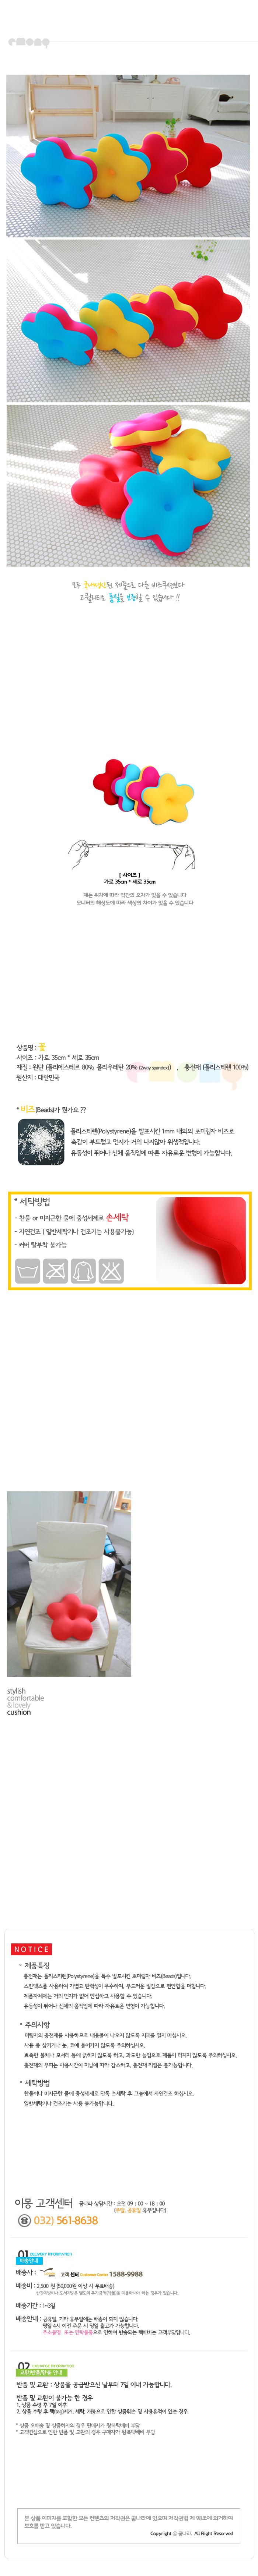 비즈쿠션-꽃 - 이몽, 14,000원, 쿠션, 캐릭터